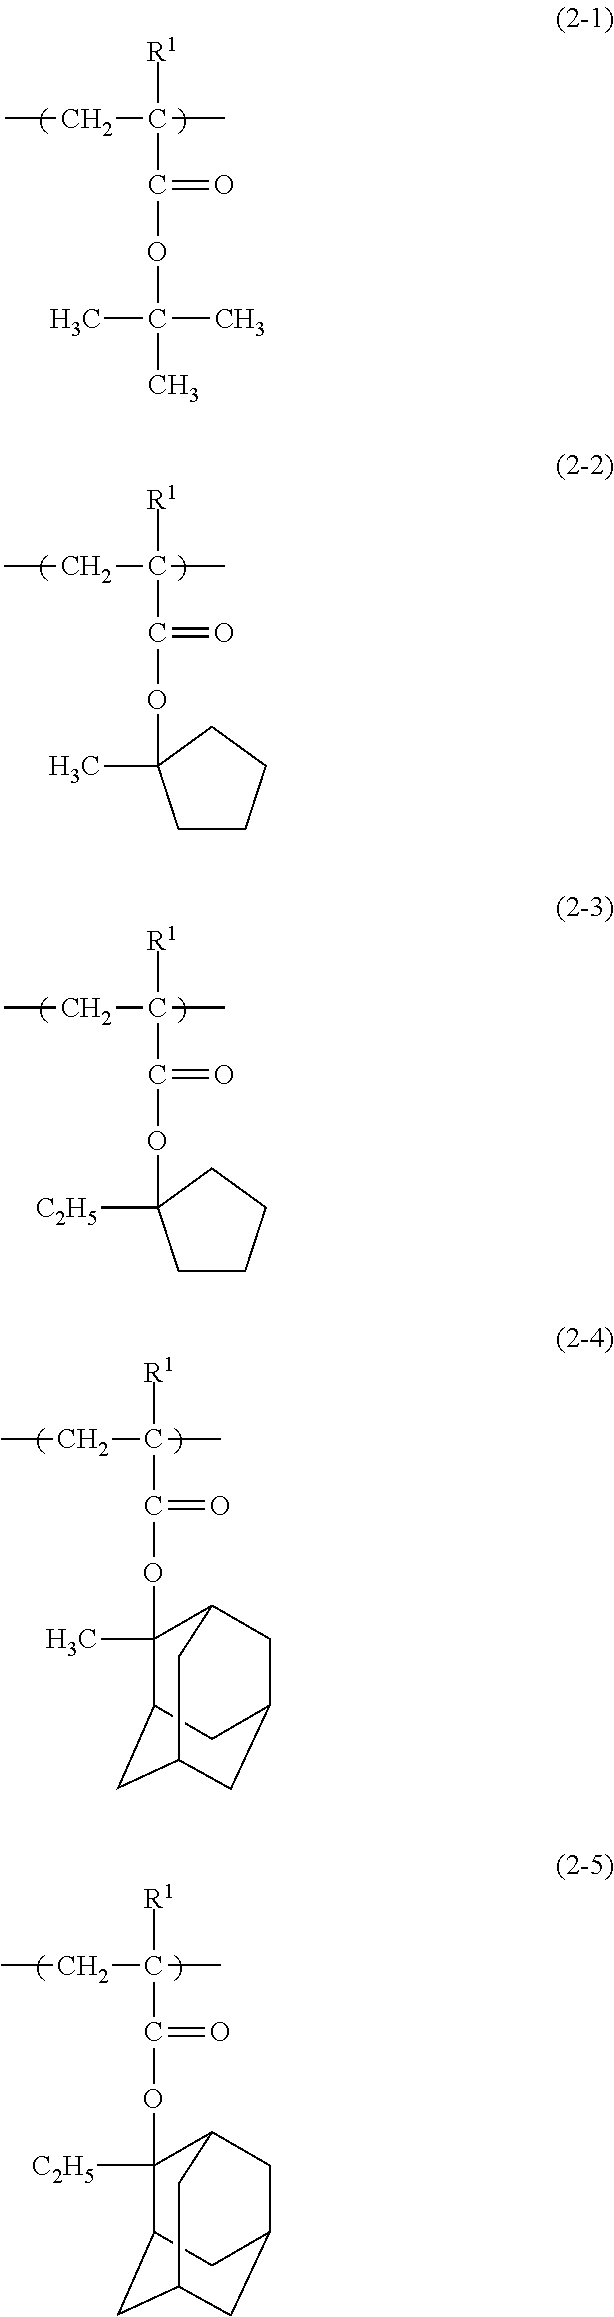 Figure US08507575-20130813-C00036